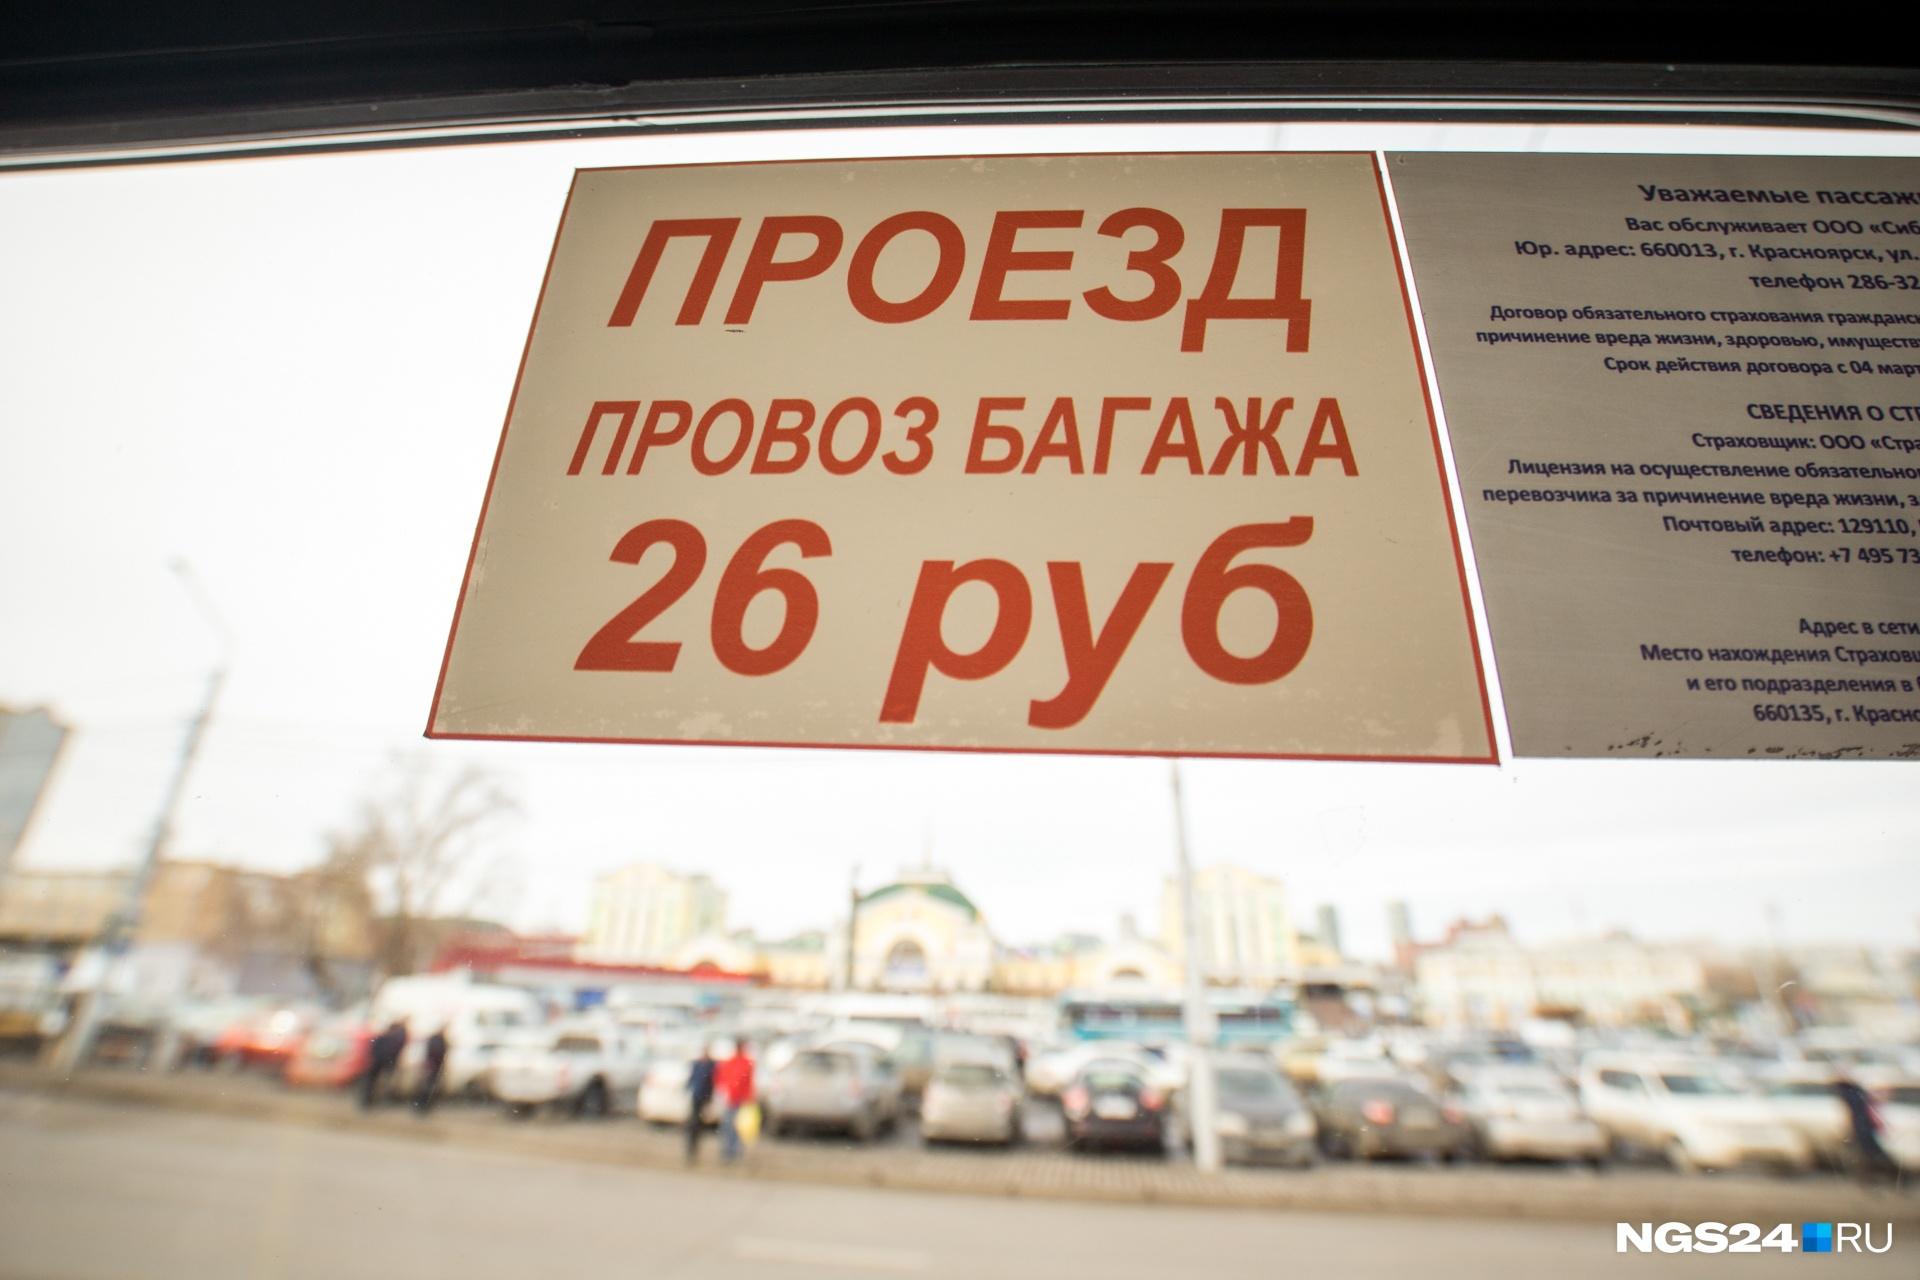 """Маршрутчики считали справедливым&nbsp;<a href=""""https://ngs24.ru/news/more/65805751/"""" target=""""_blank"""" class=""""_"""">возить красноярцев за 30</a>&nbsp;рублей — чиновники утвердили 26 рублей"""